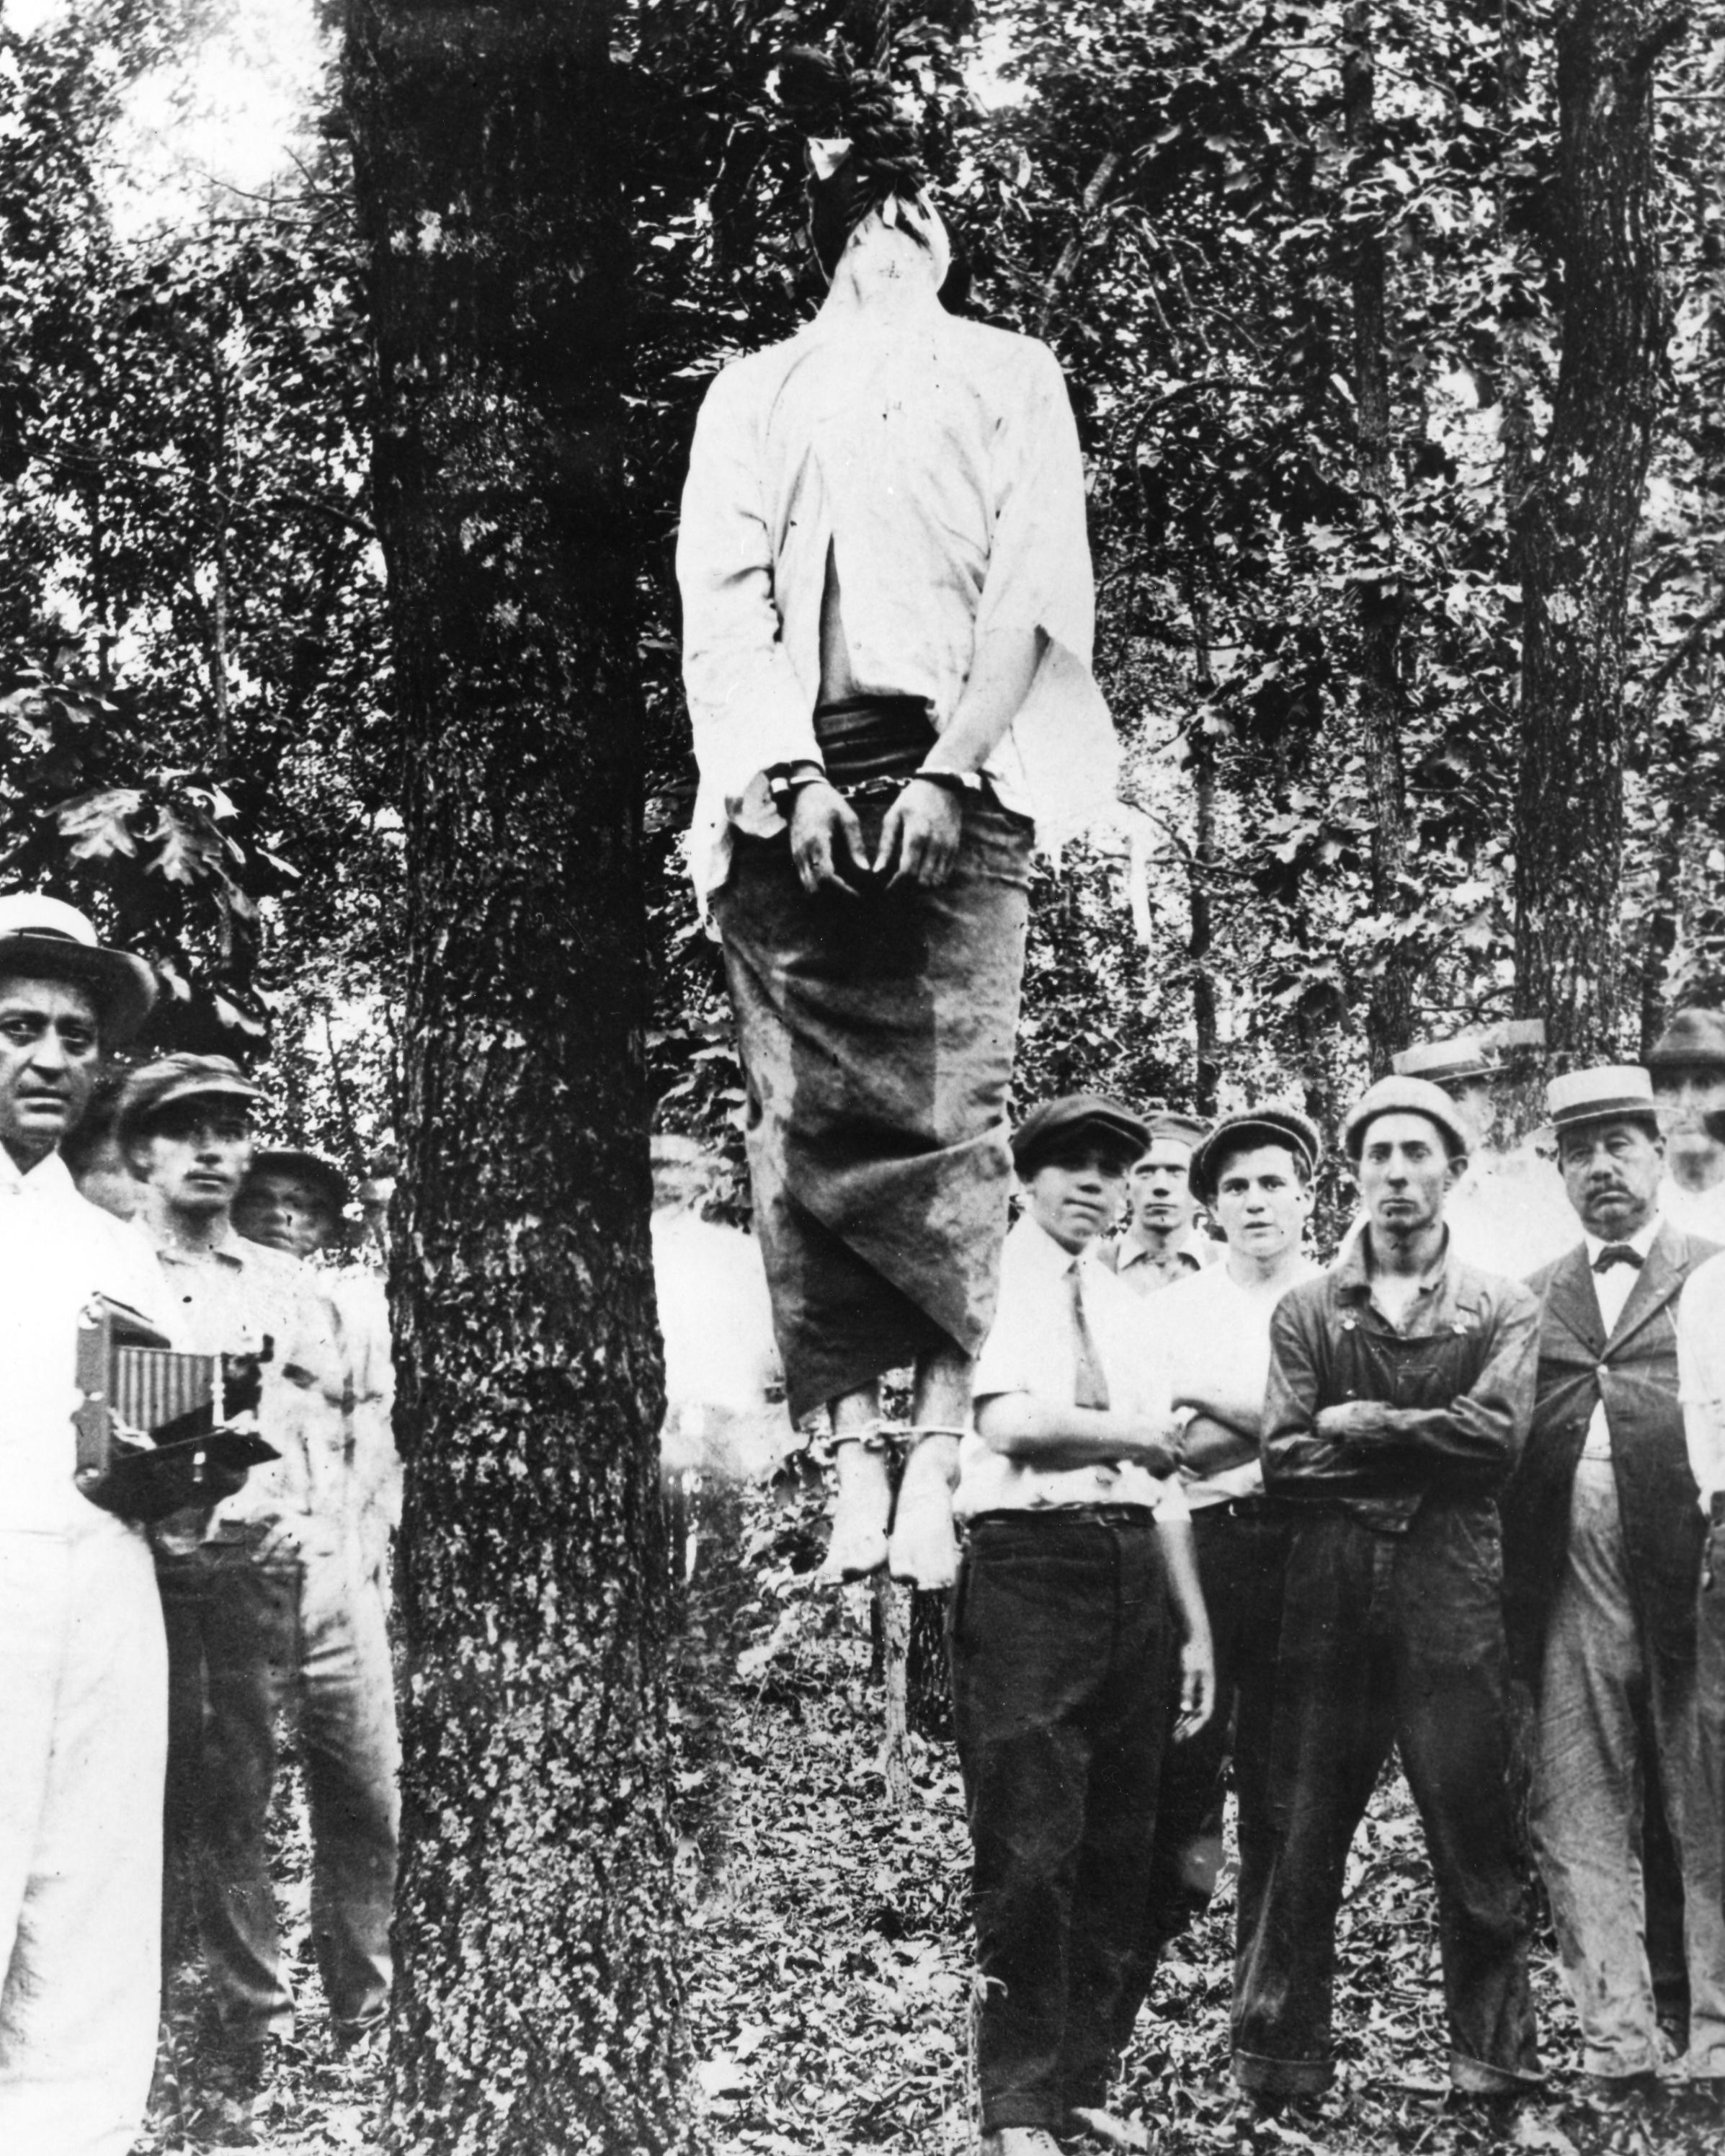 Hang the jew (Leo Frank's lynching, Atlanta, 1913)